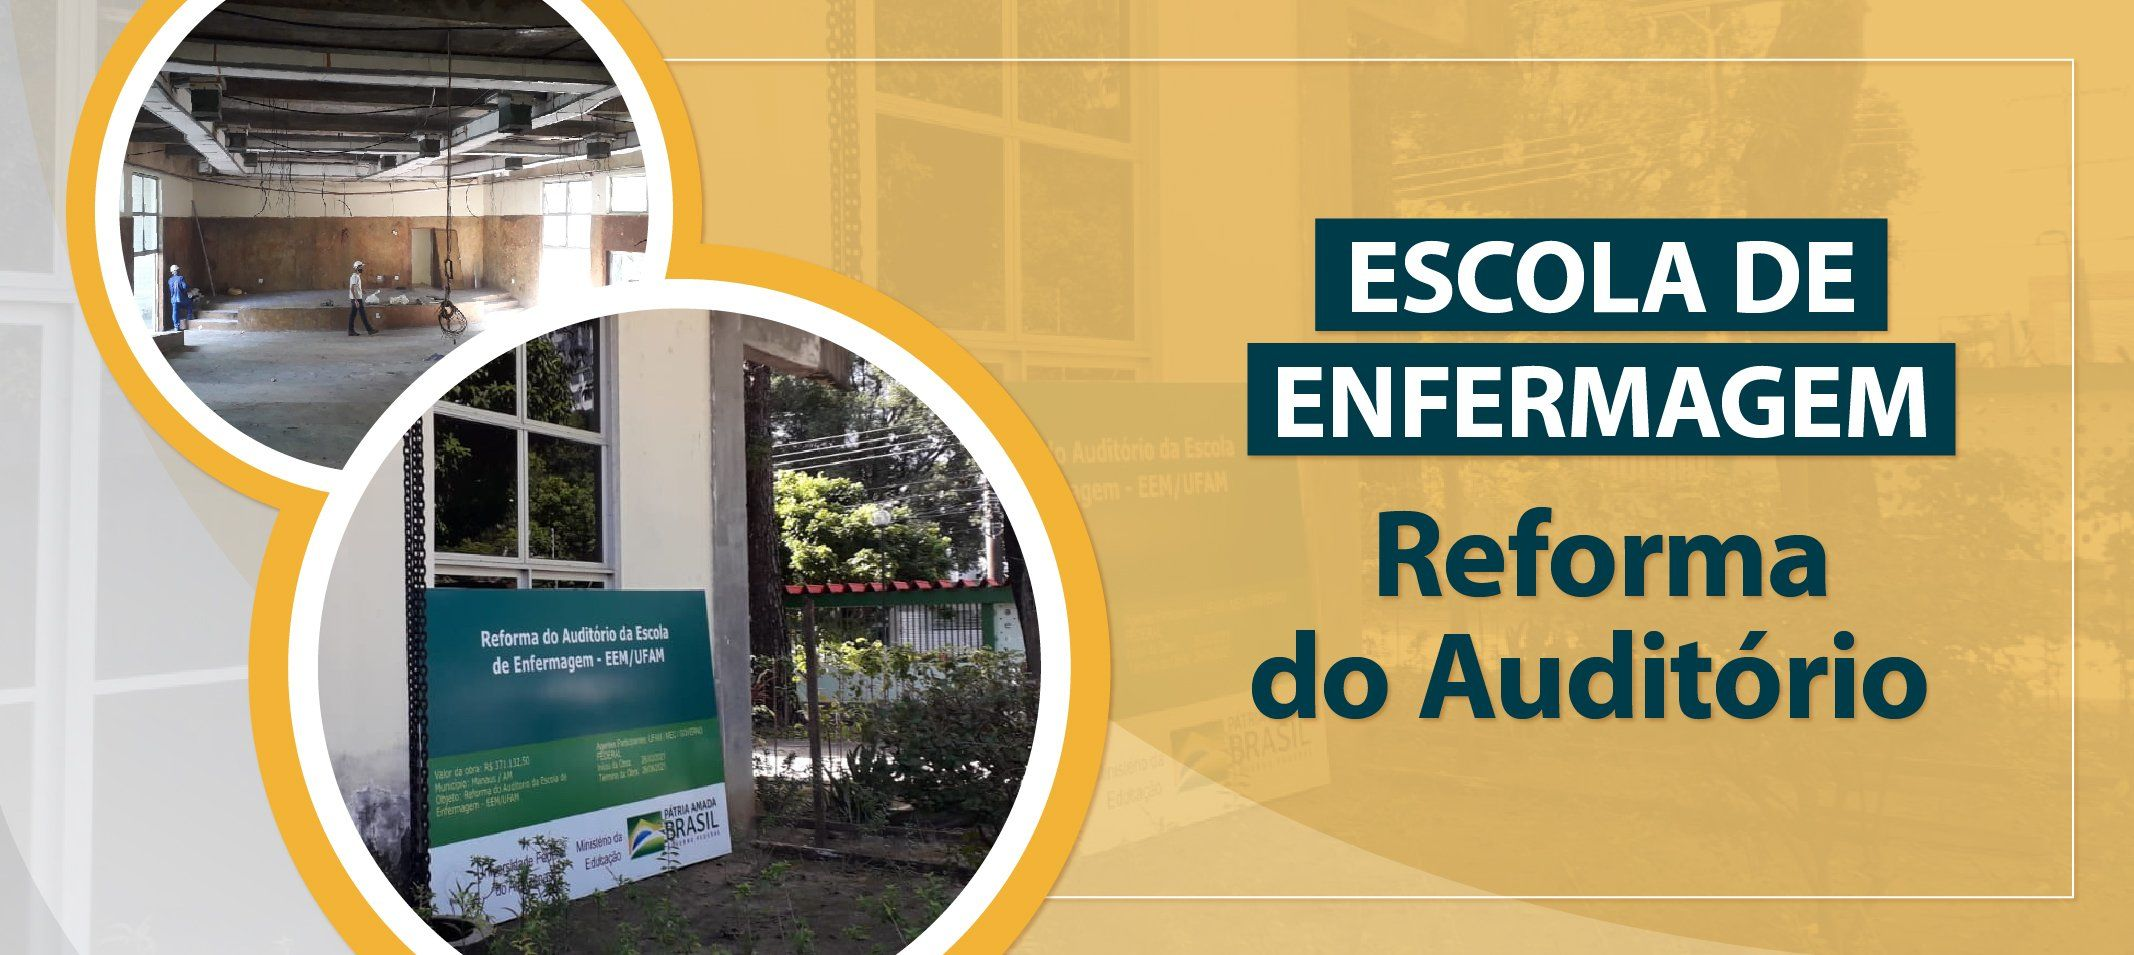 Prédio da Escola de Enfermagem de Manaus ganha acessibilidade e reforma do auditório